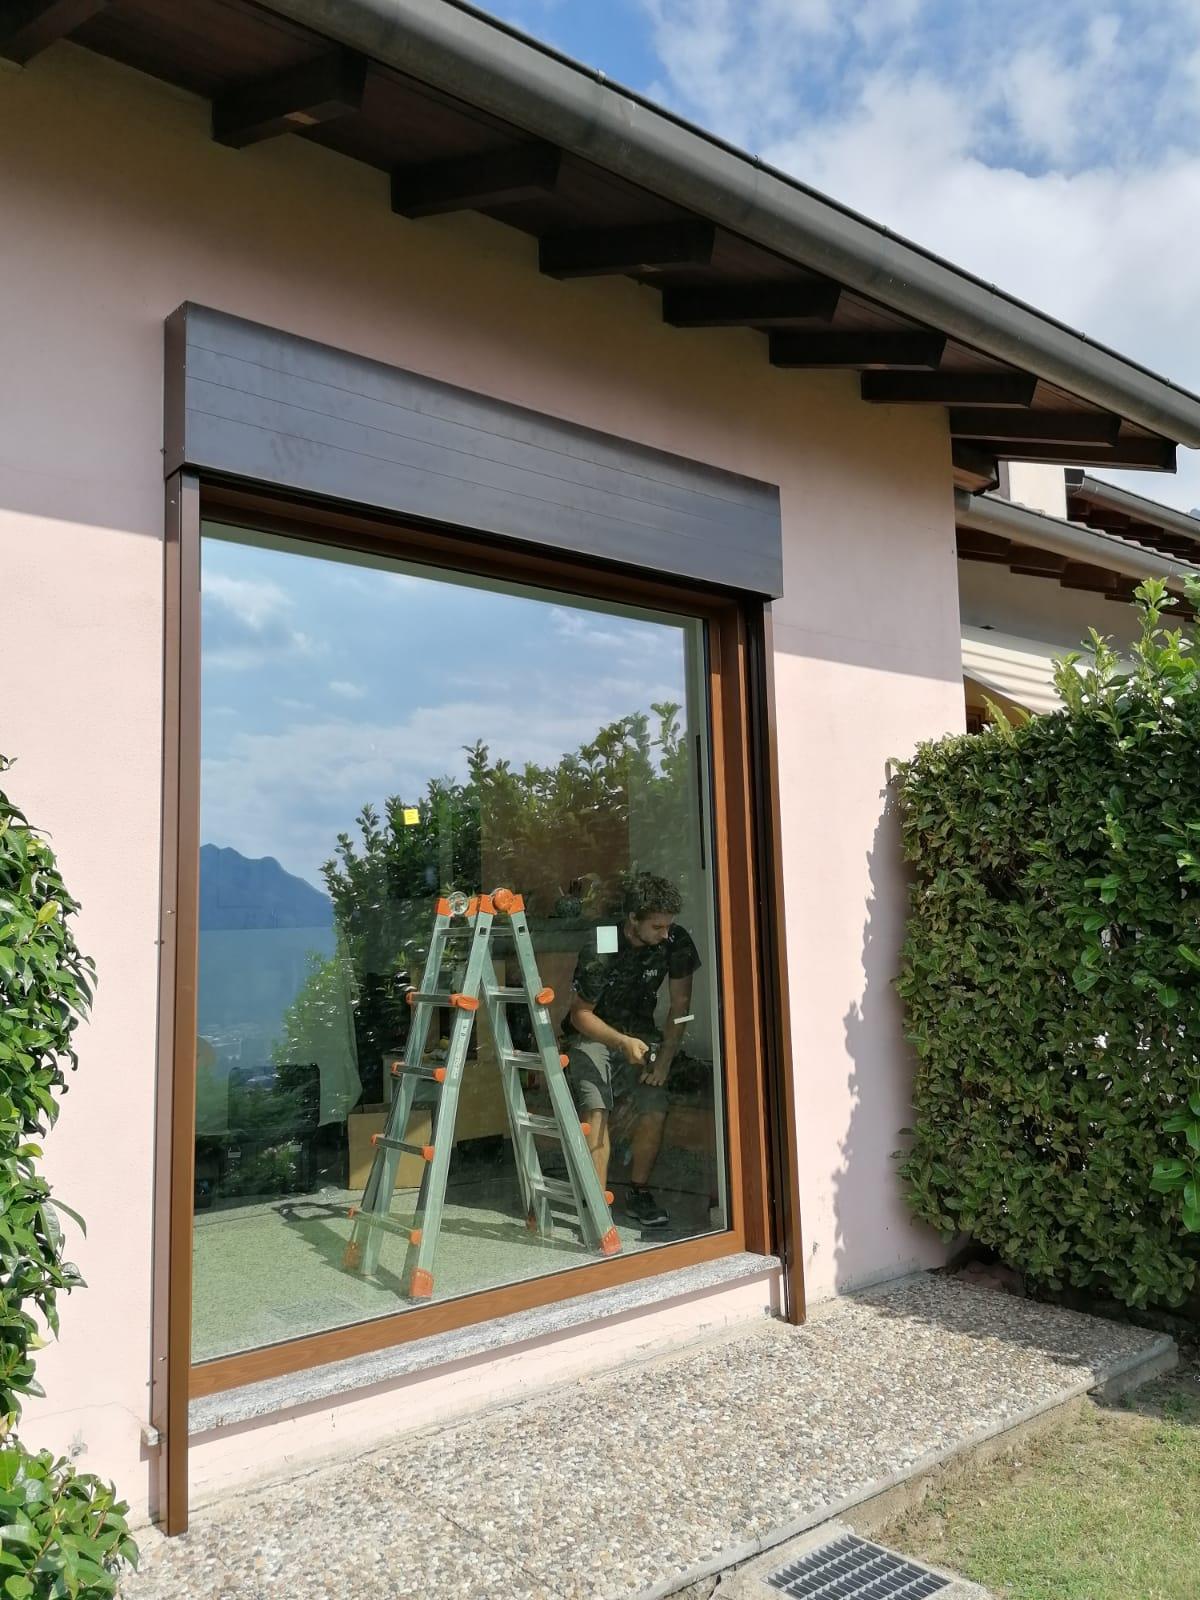 Frangisole con cassonetto esterno e vetrata fissa 1